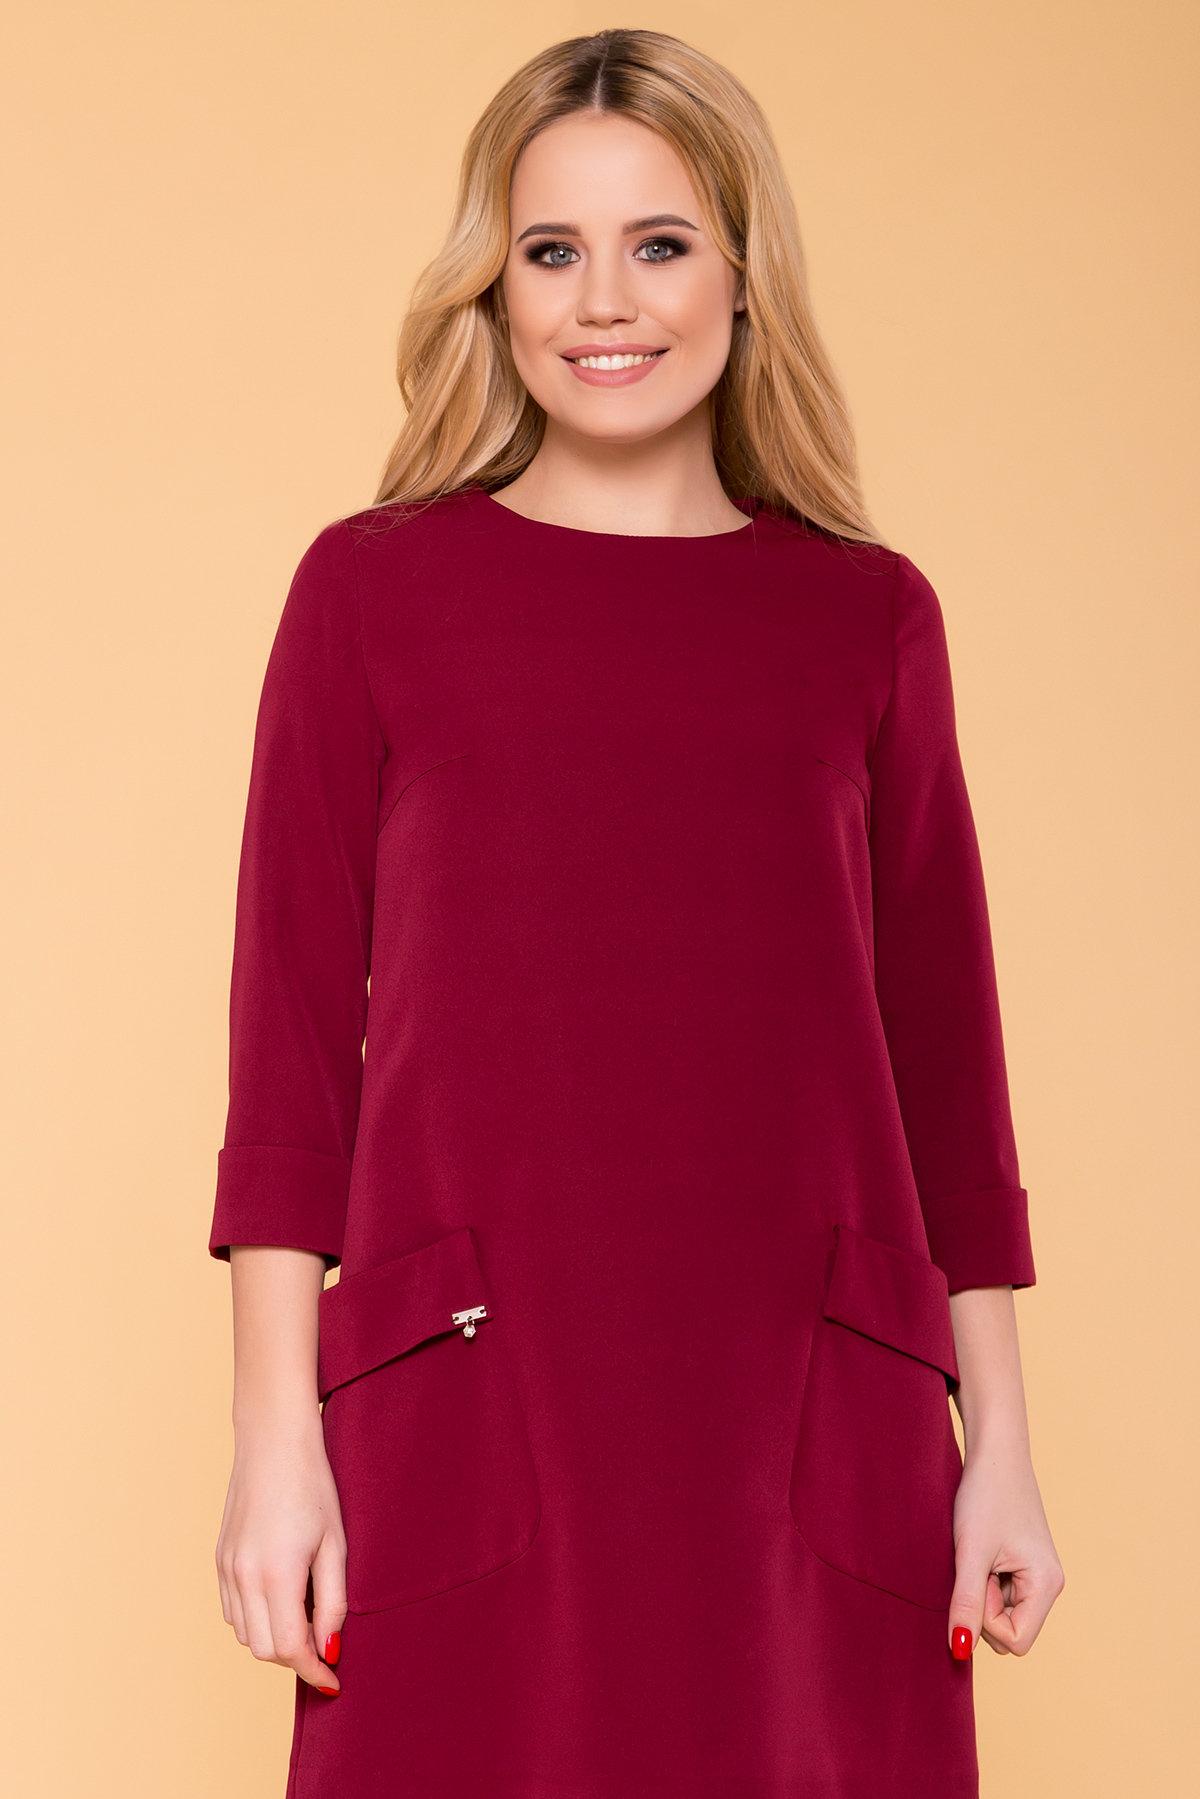 Прямое Платье с рукавом 3/4 Соул лайт 6483 АРТ. 41448 Цвет: Марсала - фото 3, интернет магазин tm-modus.ru